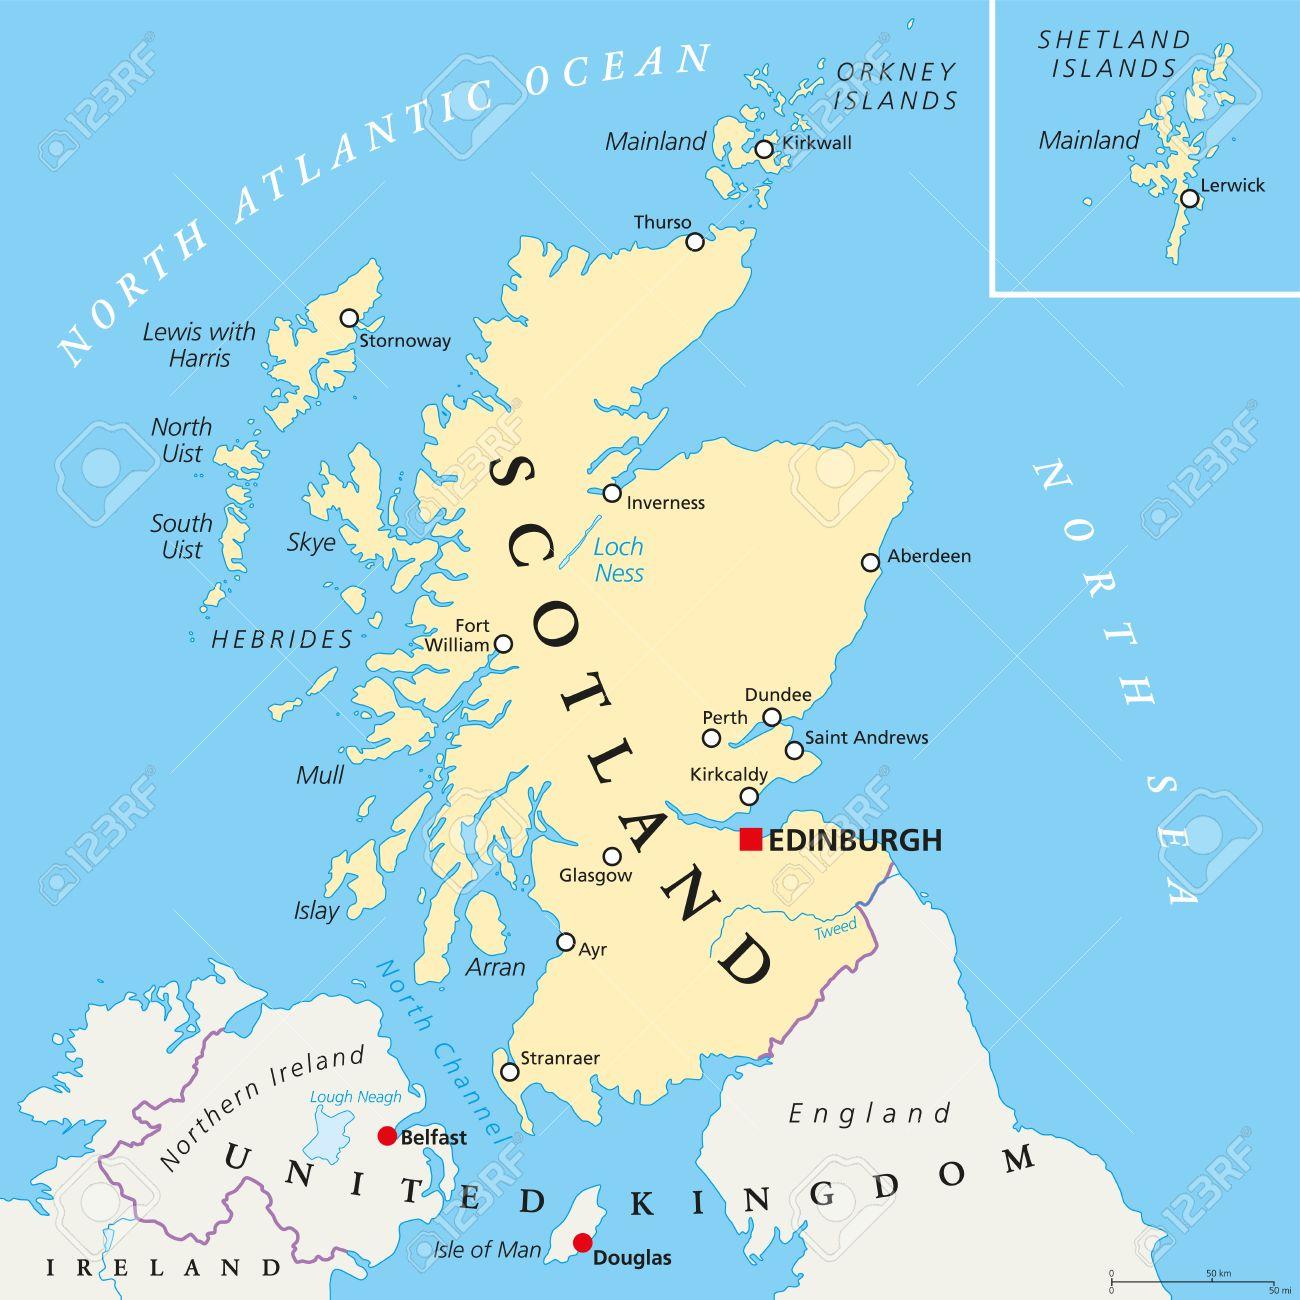 Cartina Stradale Della Scozia.Vettoriale La Mappa Politica Scozia Indipendente Con Capitale Edimburgo I Confini Nazionali E Le Citta Piu Importanti Mappa Fittizia Della Scozia Come Stato Sovrano Indipendente Dopo Aver Lasciato Regno Unito Etichettatura